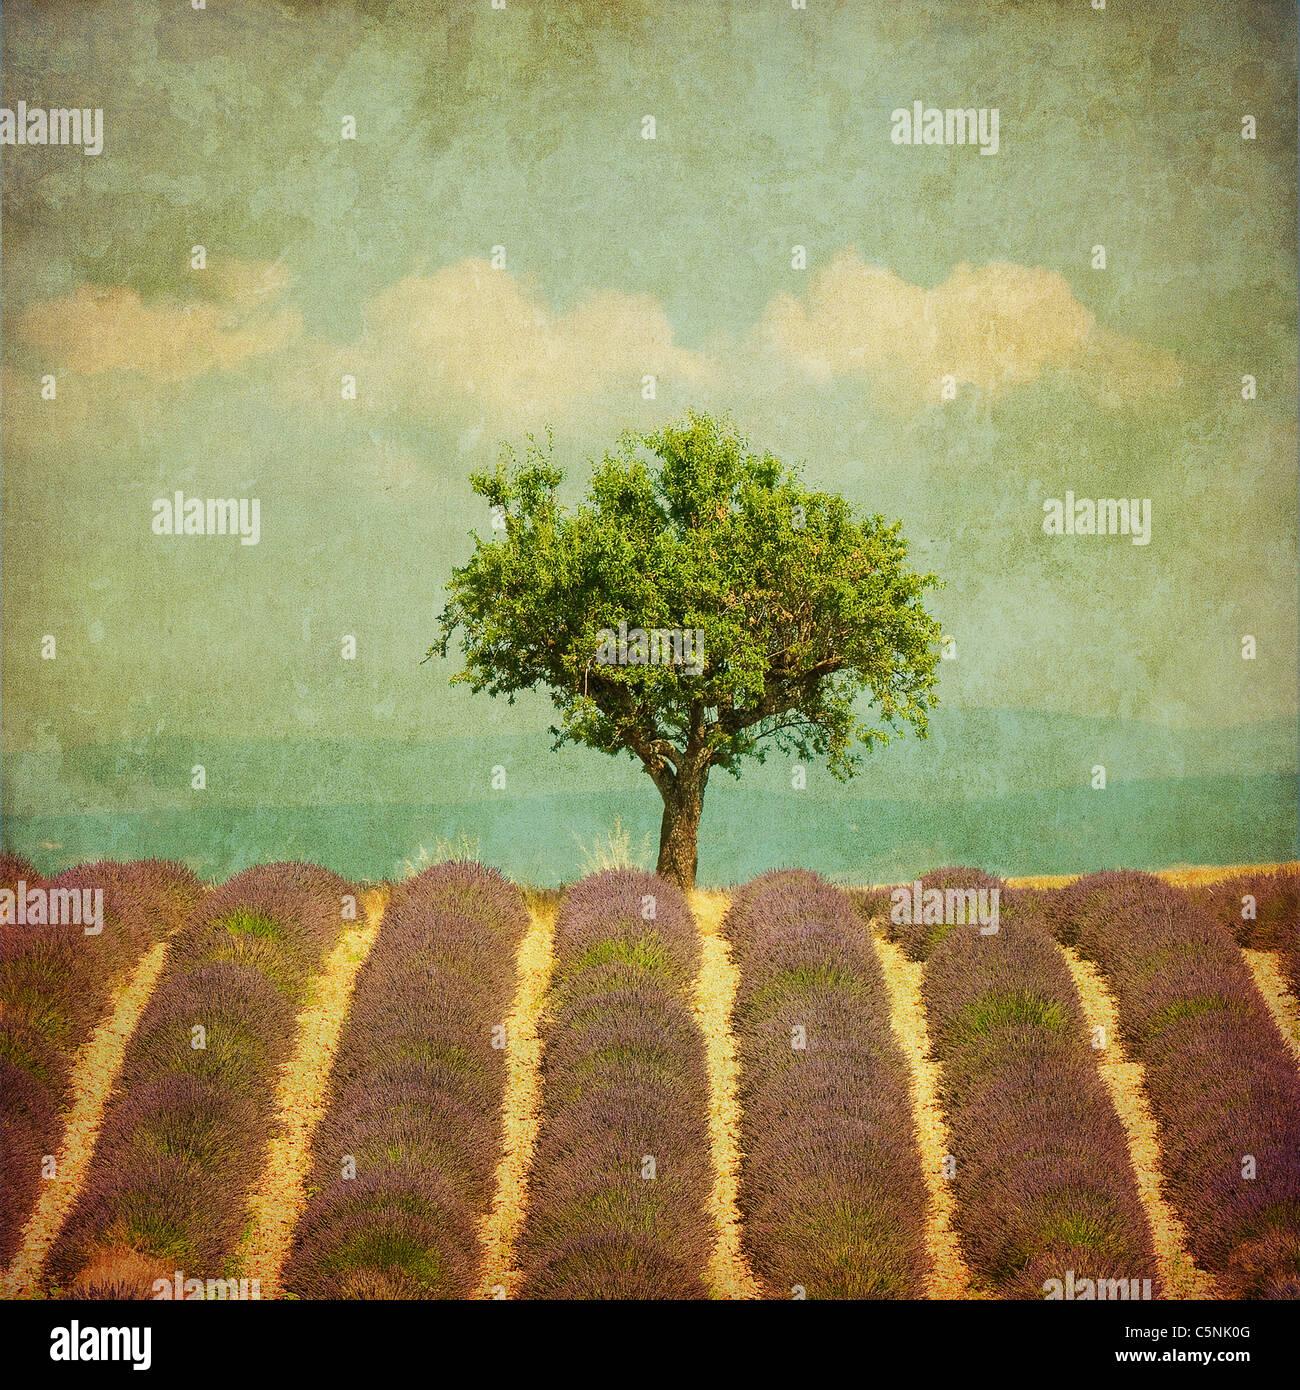 Immagine vintage di un albero in campo di lavanda Immagini Stock